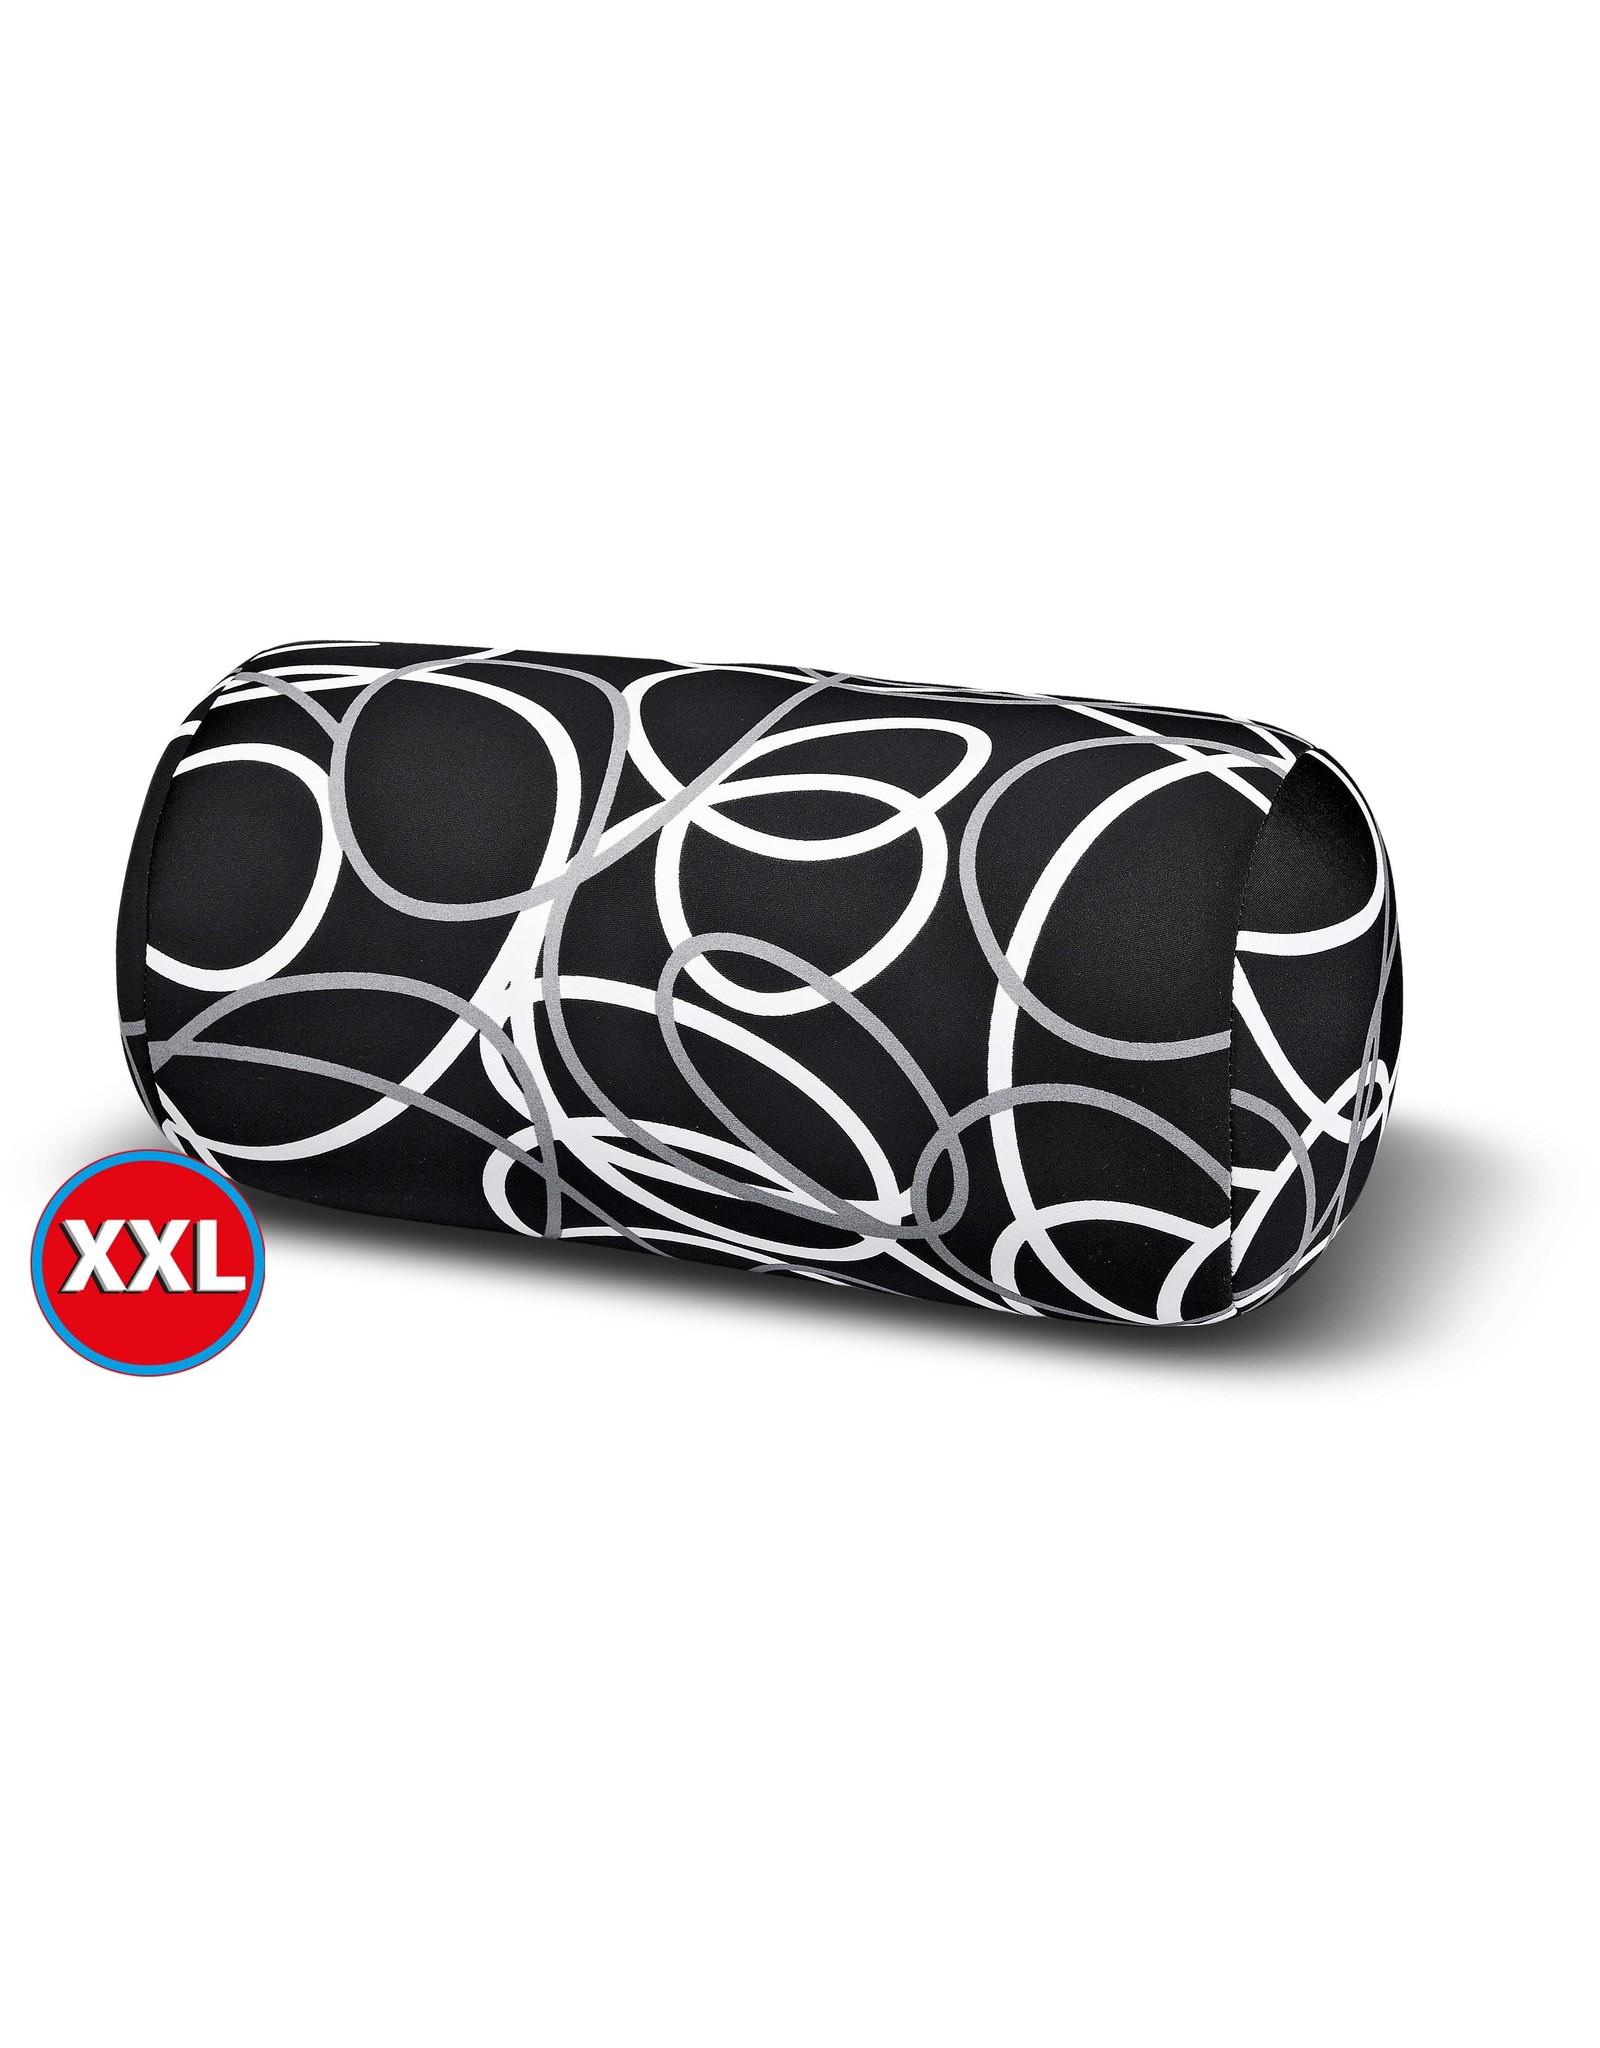 Kuschel-Maxx Kuschel-Maxx - Linien Schwarz XXL